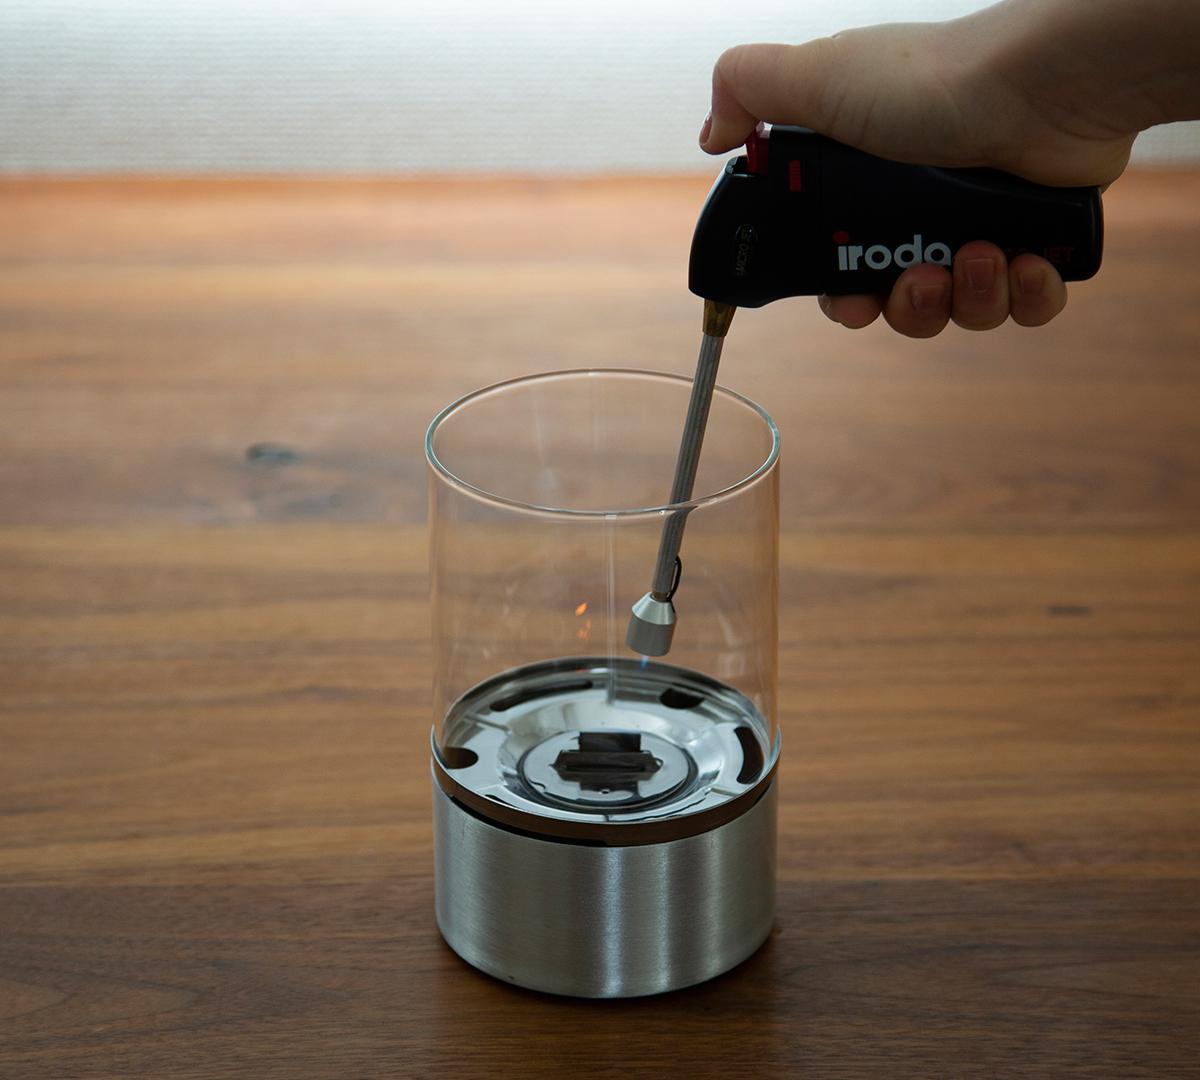 使い方③|おうちのテーブルで焚き火。煙が出ない、倒しても安心の専用燃料付きの「オイルランプ」|TENDER FLAME(テンダーフレーム)